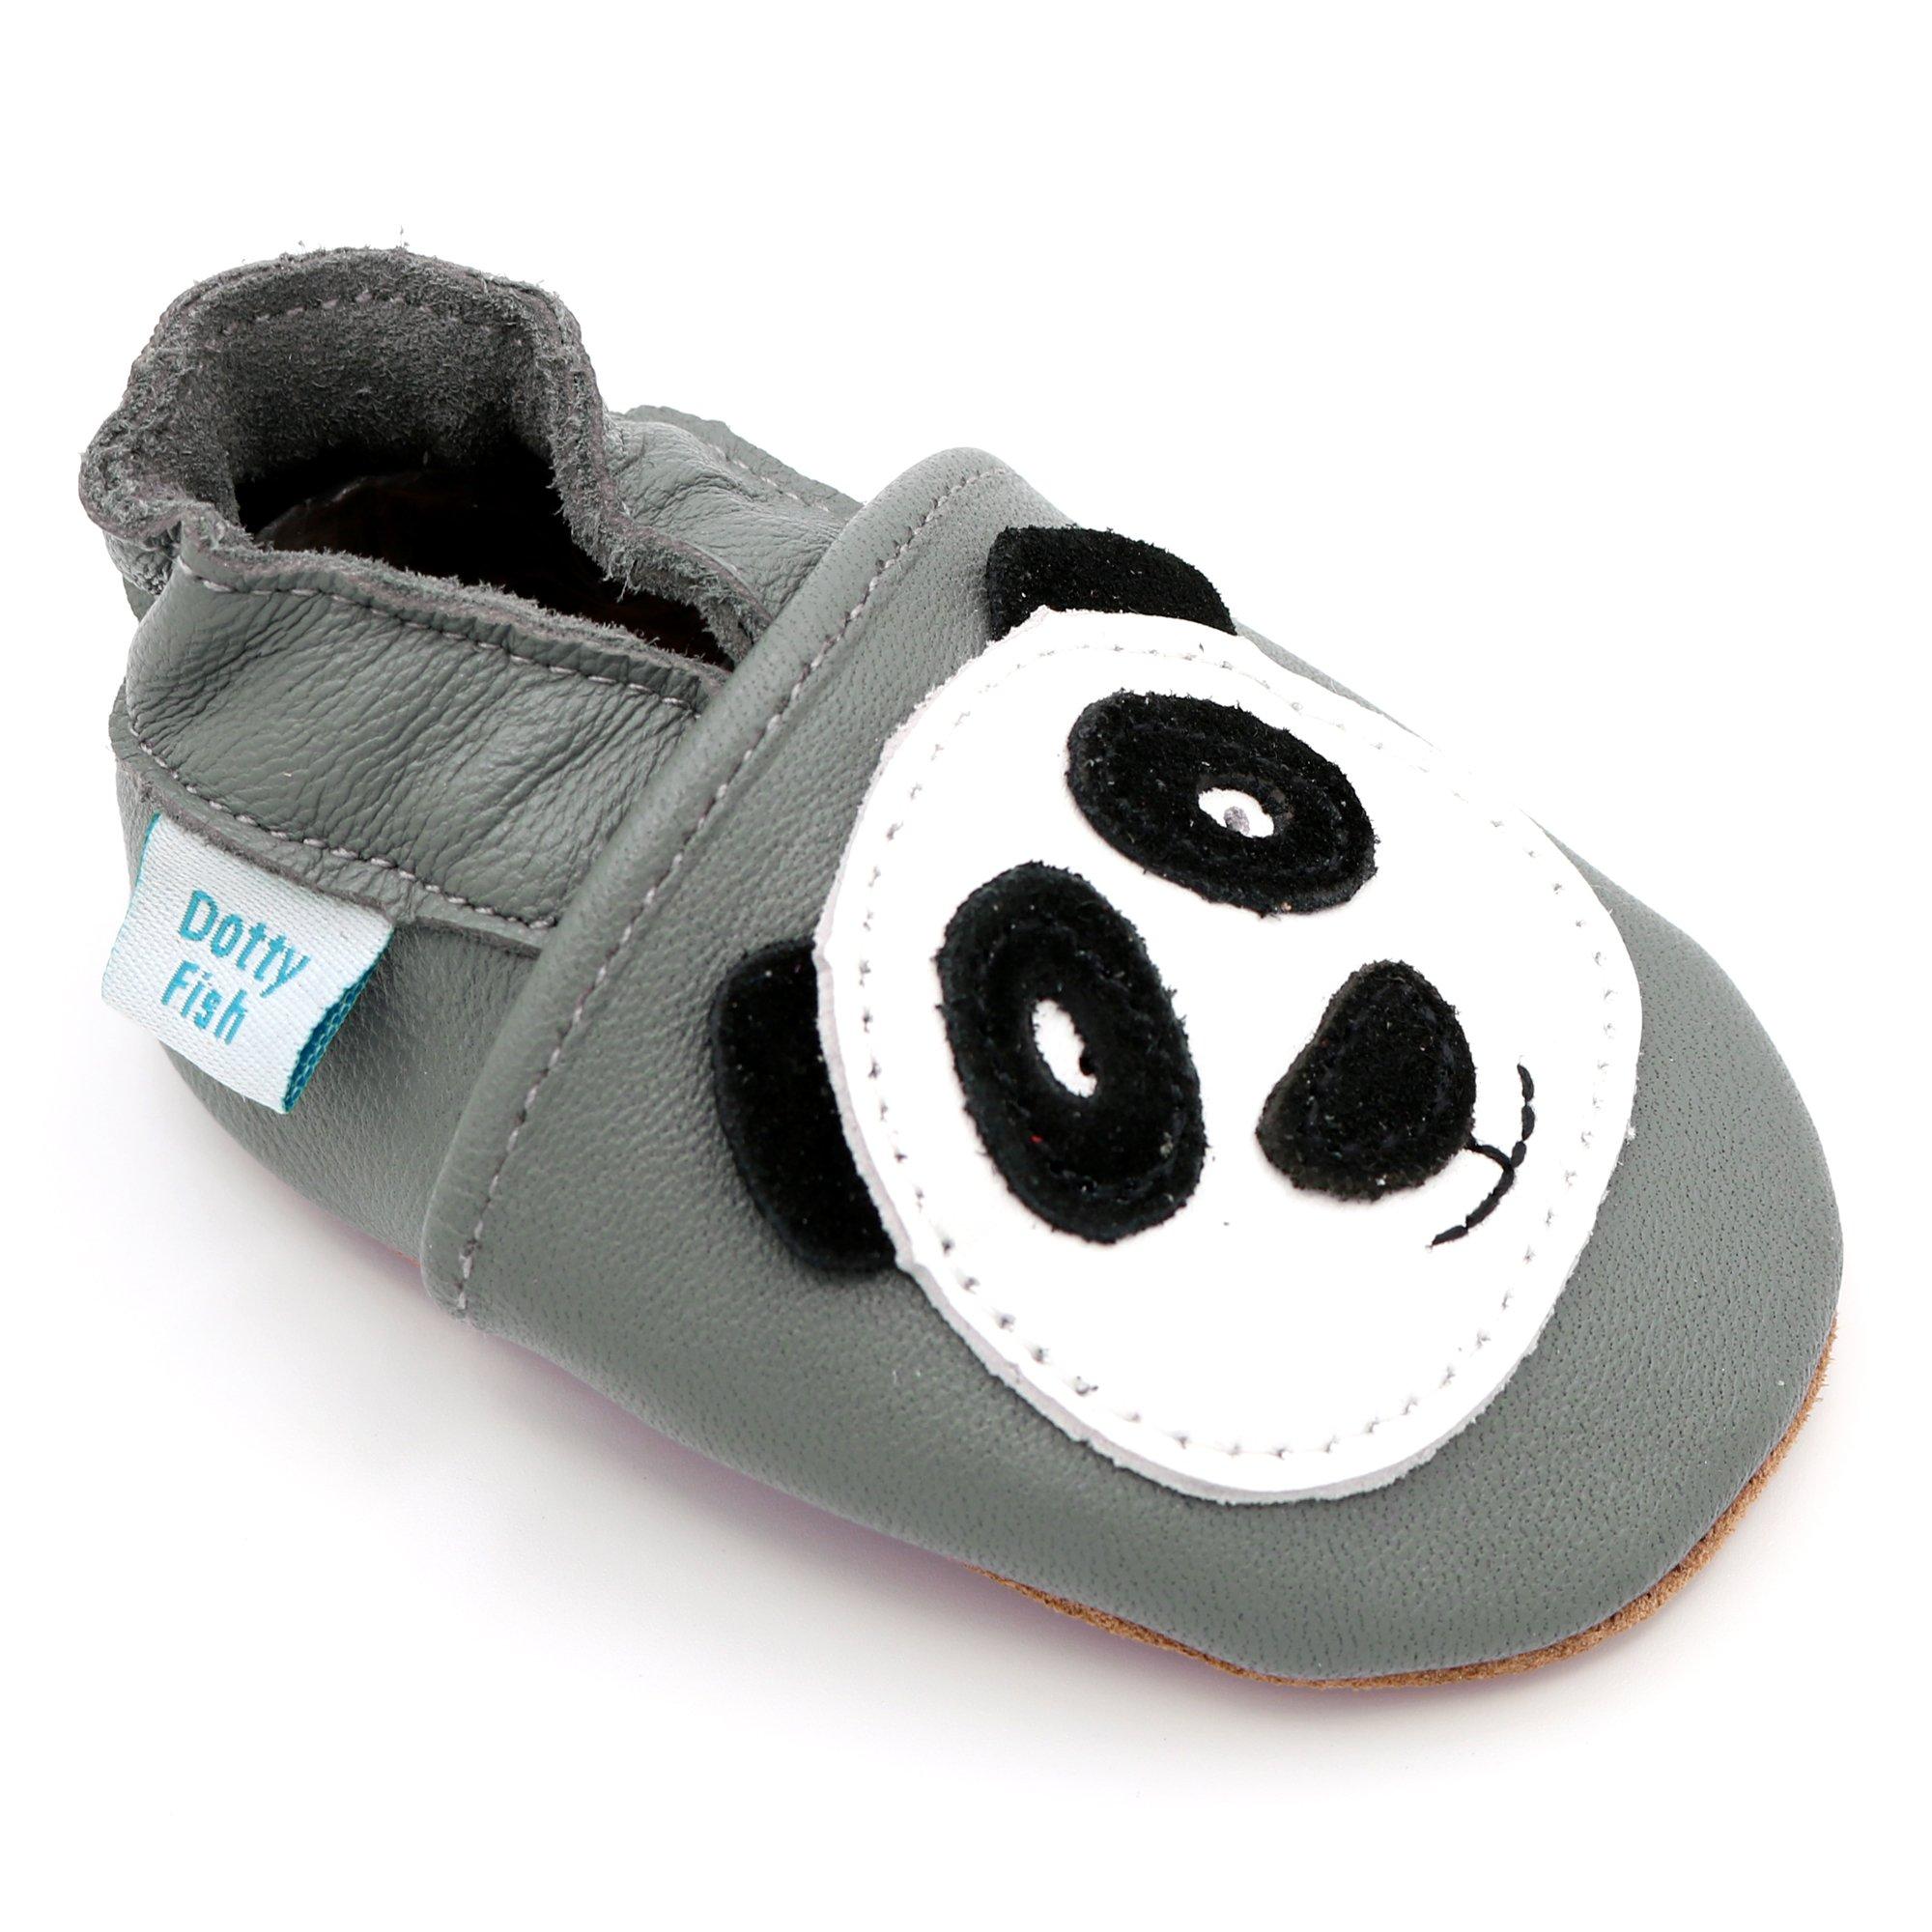 091ba4c2ccc86 Dotty Fish Chaussures Cuir Souple bébé. Chaussures de Poussette.  Conceptions Animale avec Panda